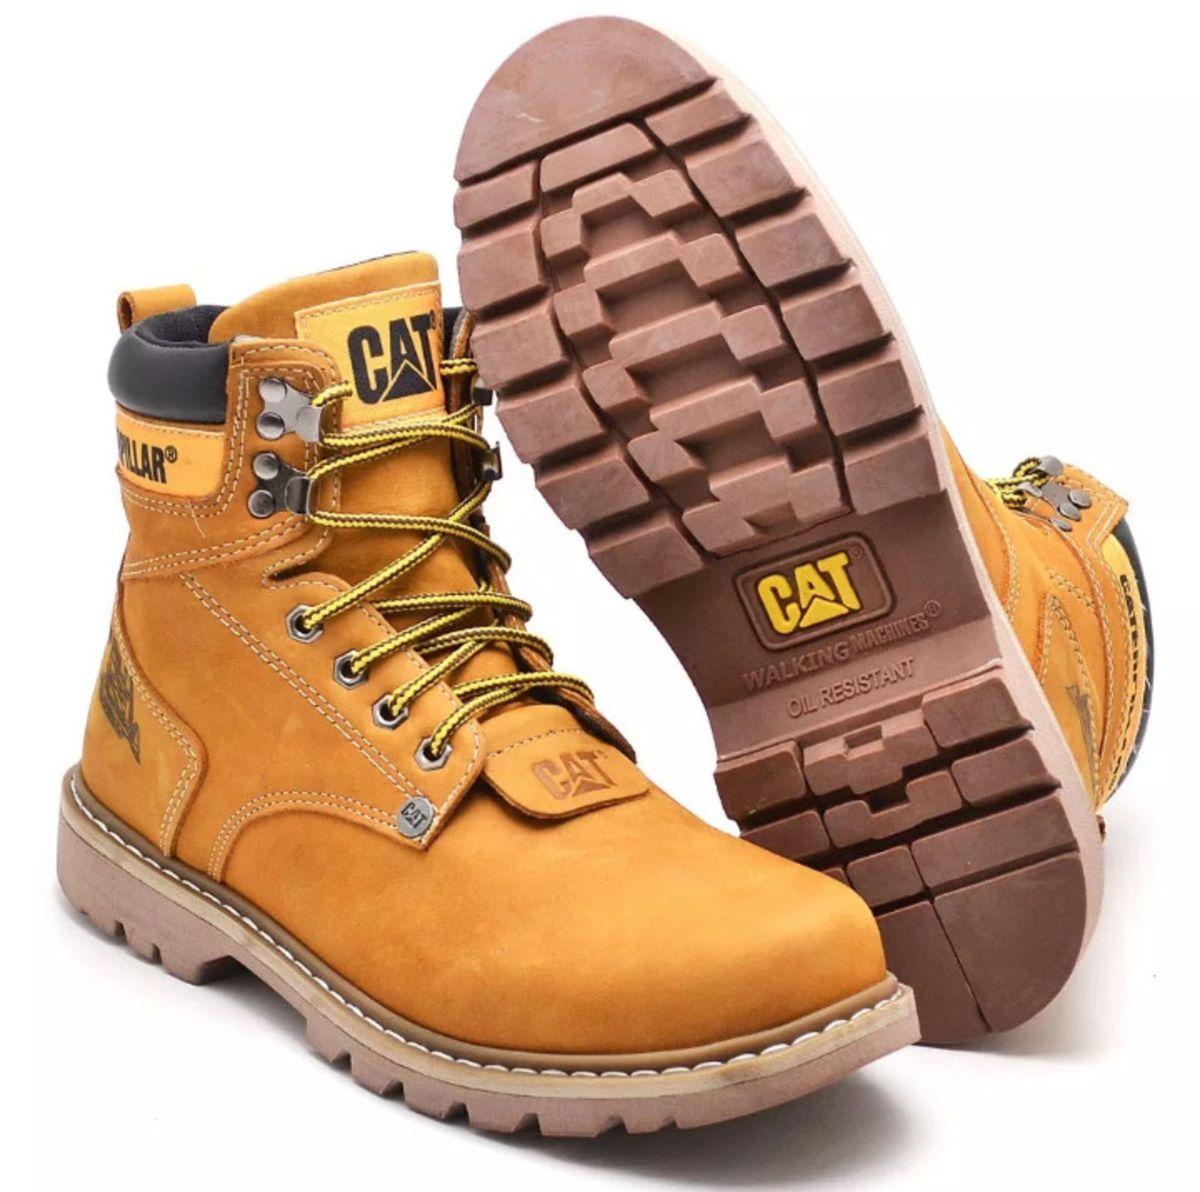 4cdc8c8789 bota caterpillar couro 100%original - botas caterpillar